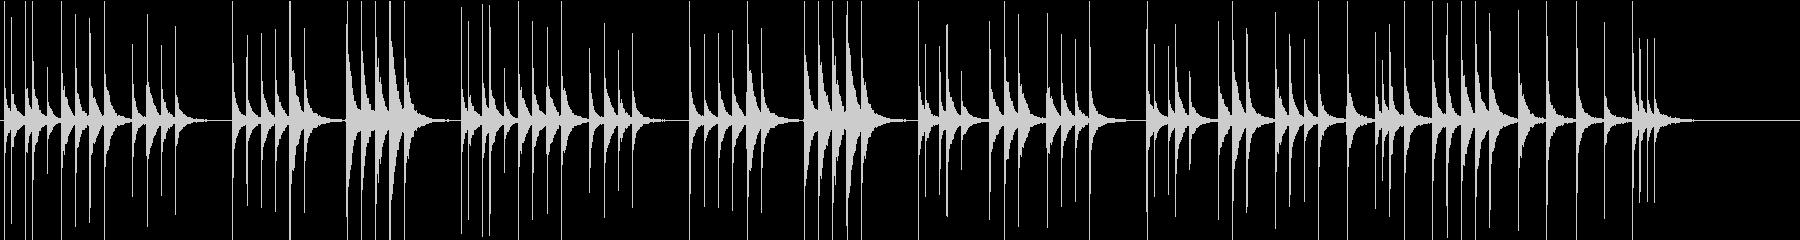 シンプルな木琴の未再生の波形